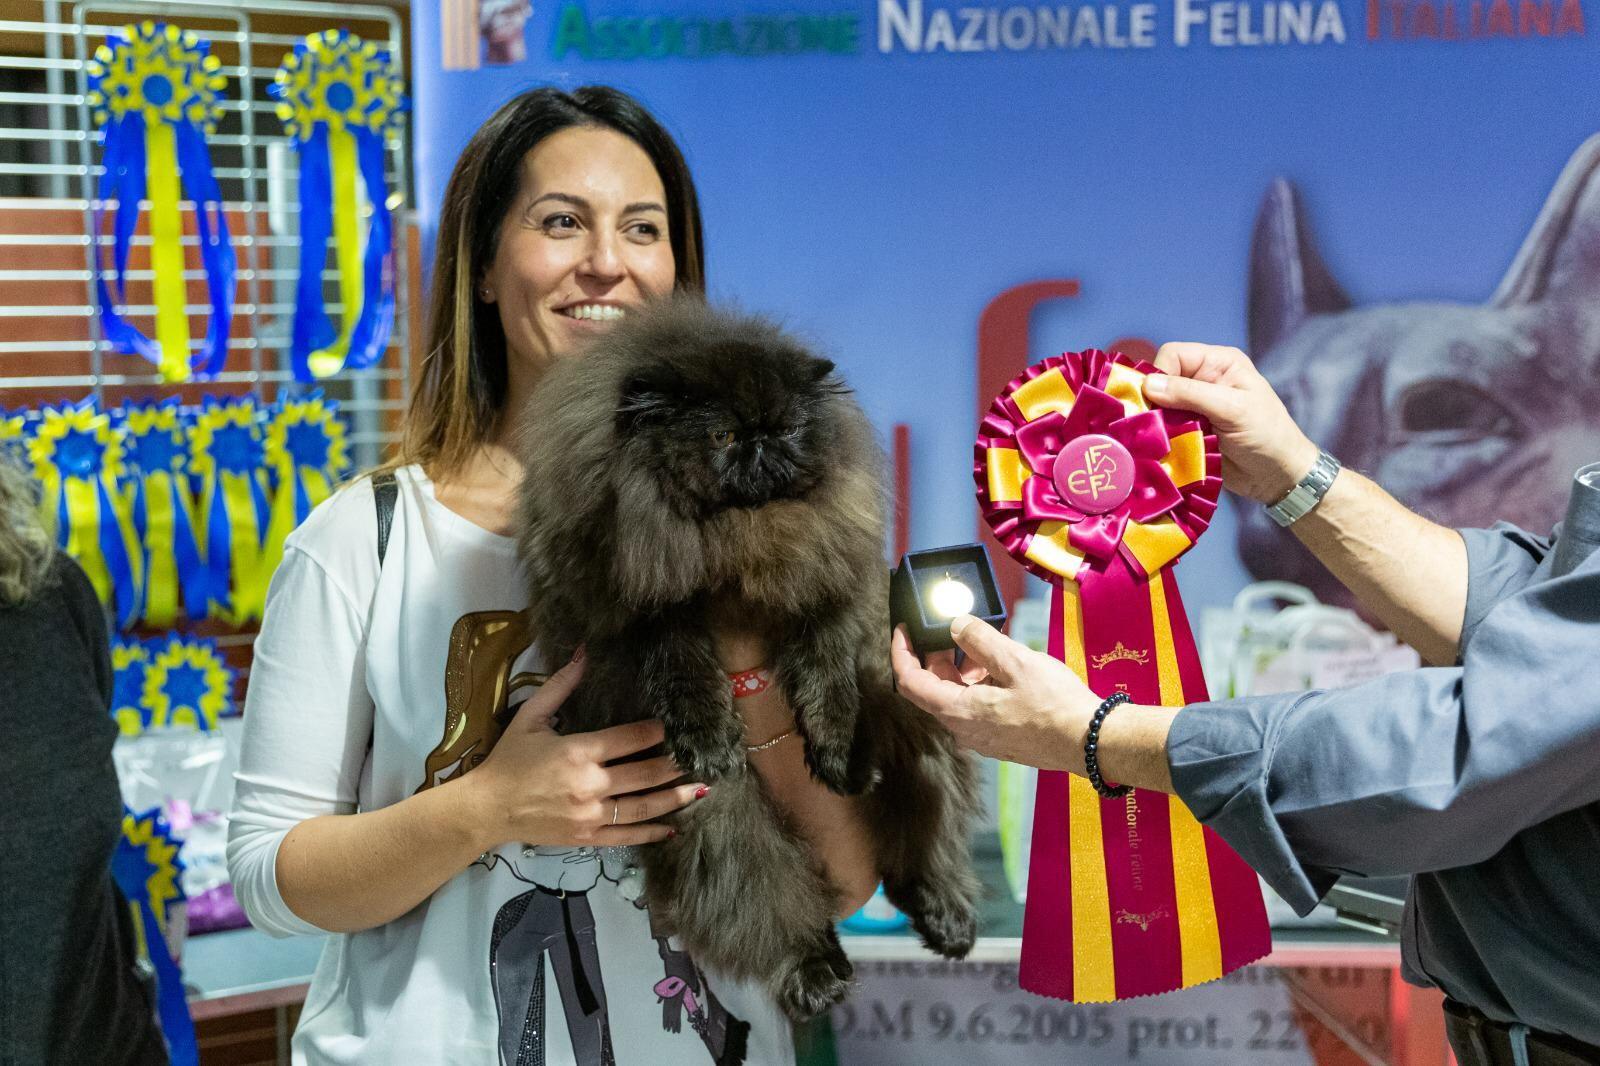 CUORGNE' - In 1300 per la mostra internazionale dei gatti - FOTO